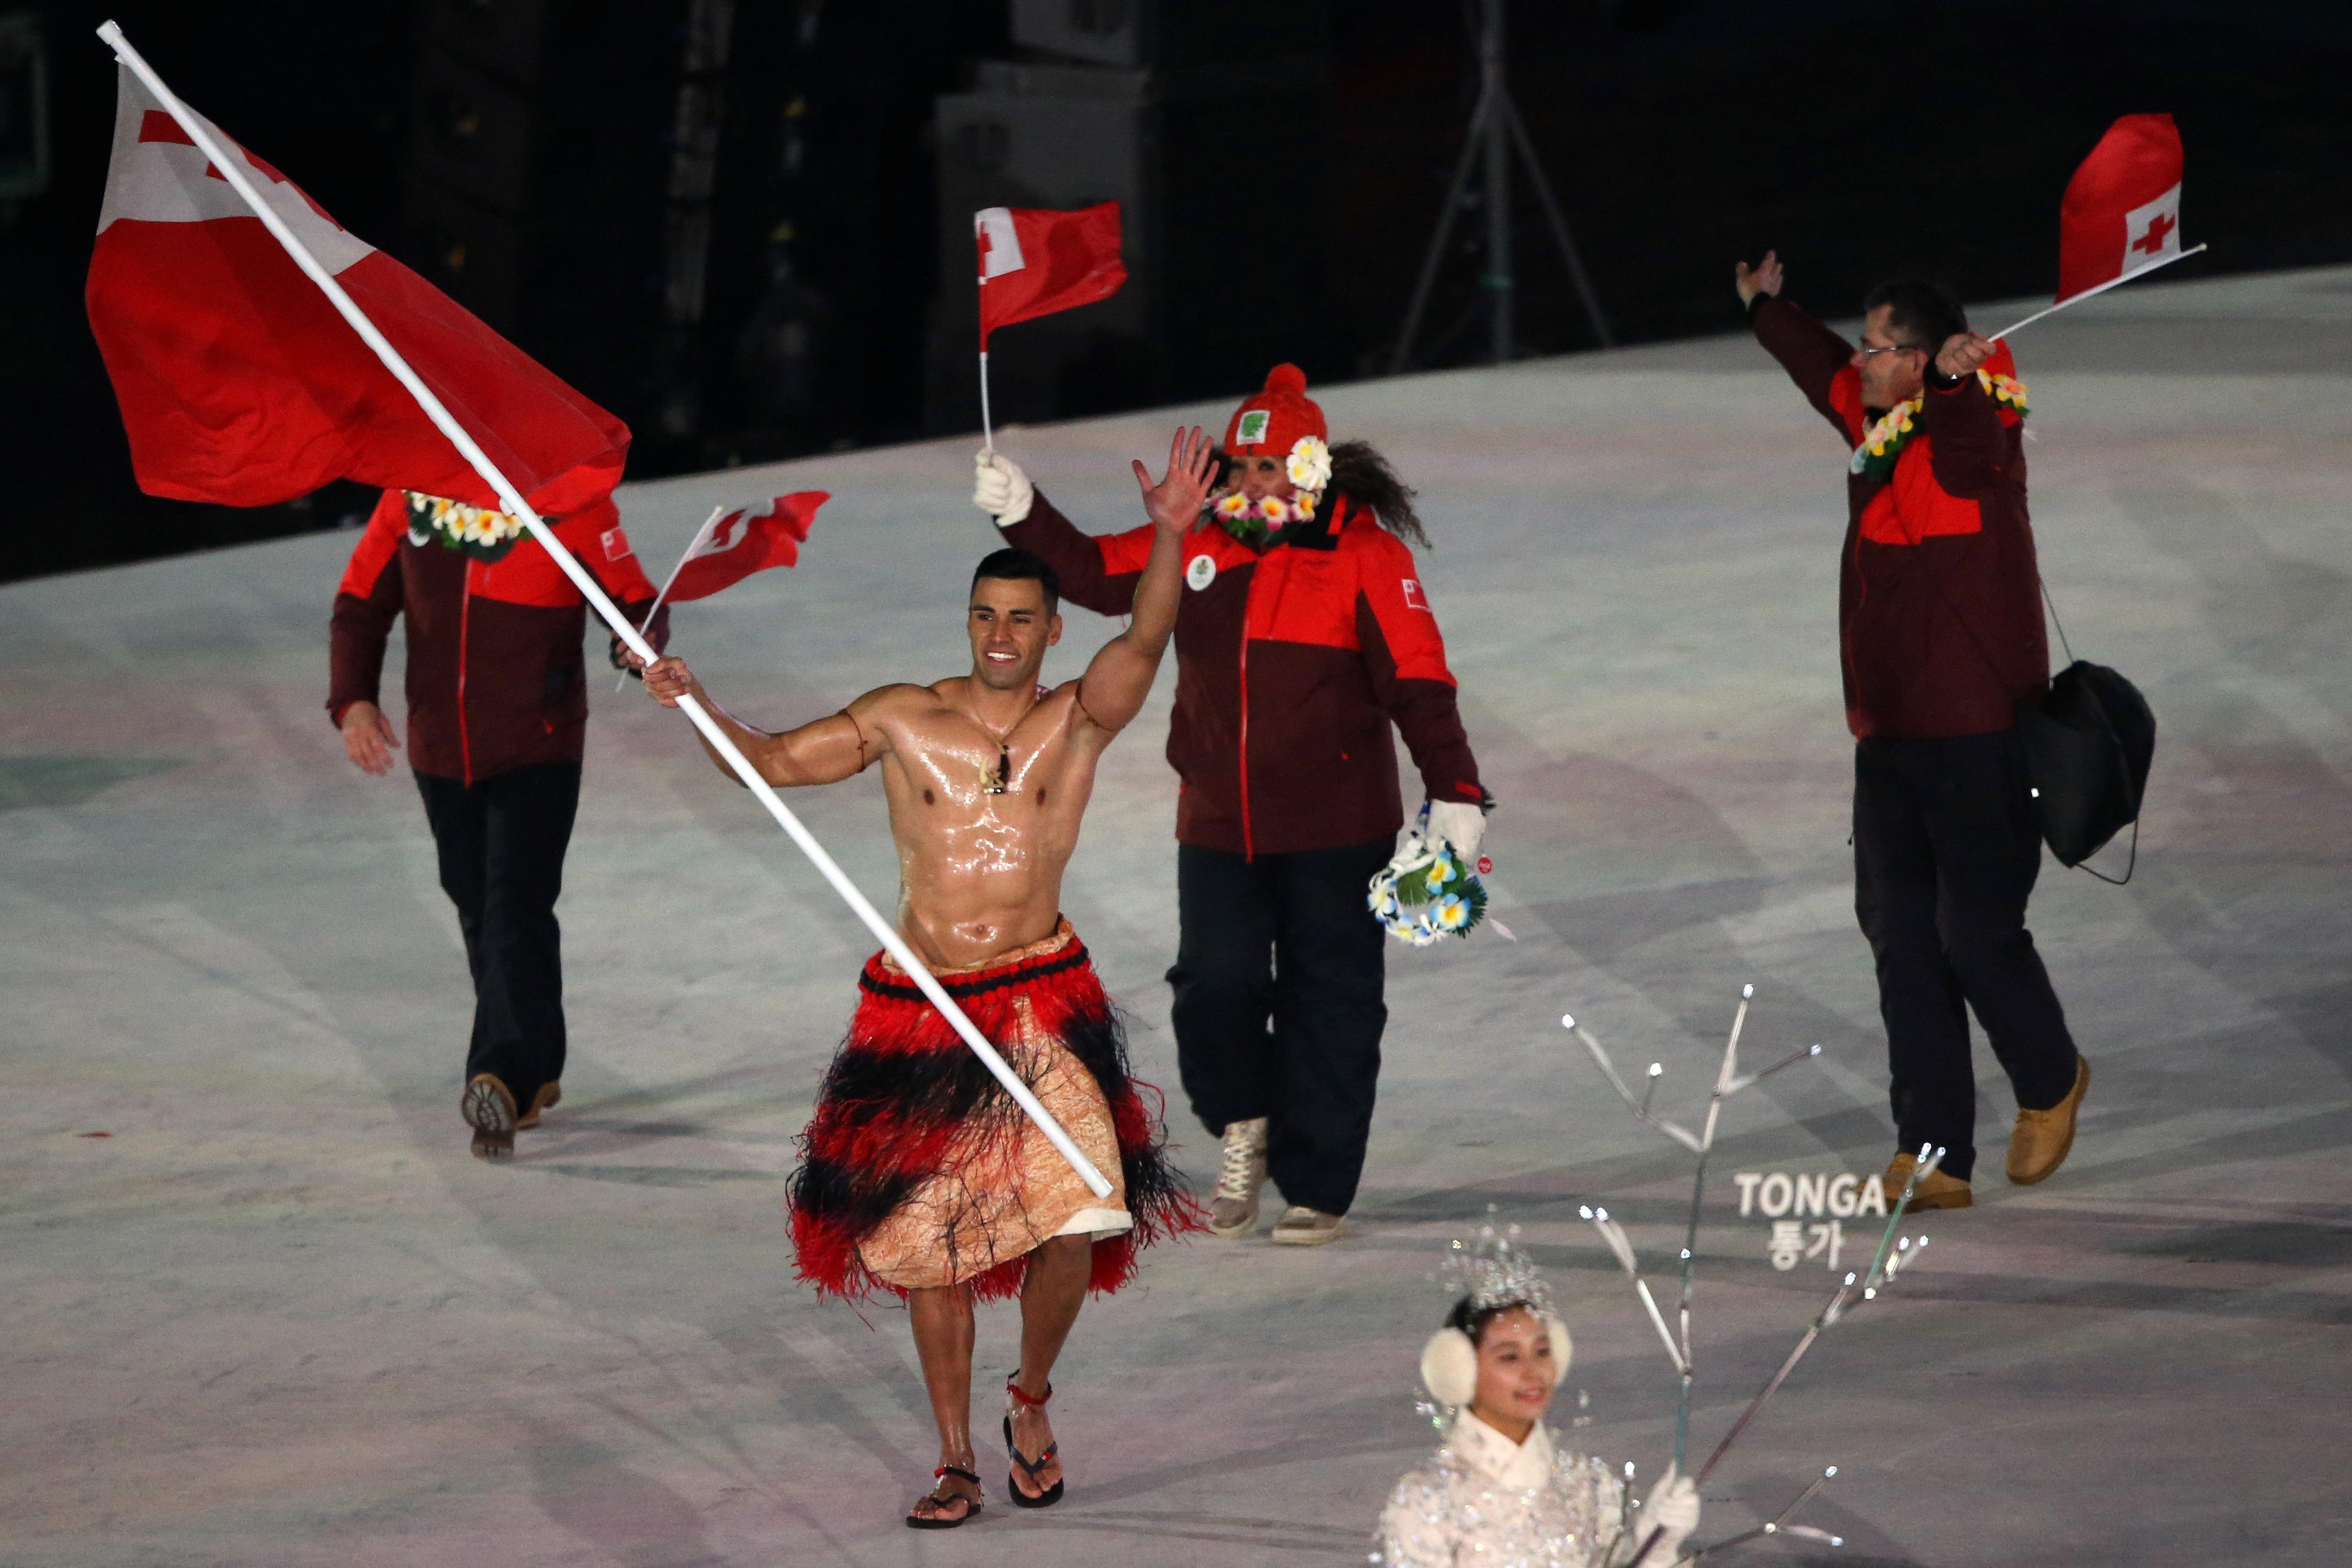 Le porte-drapeau tongien a fait sensation lors de la cérémonie d'ouverture.